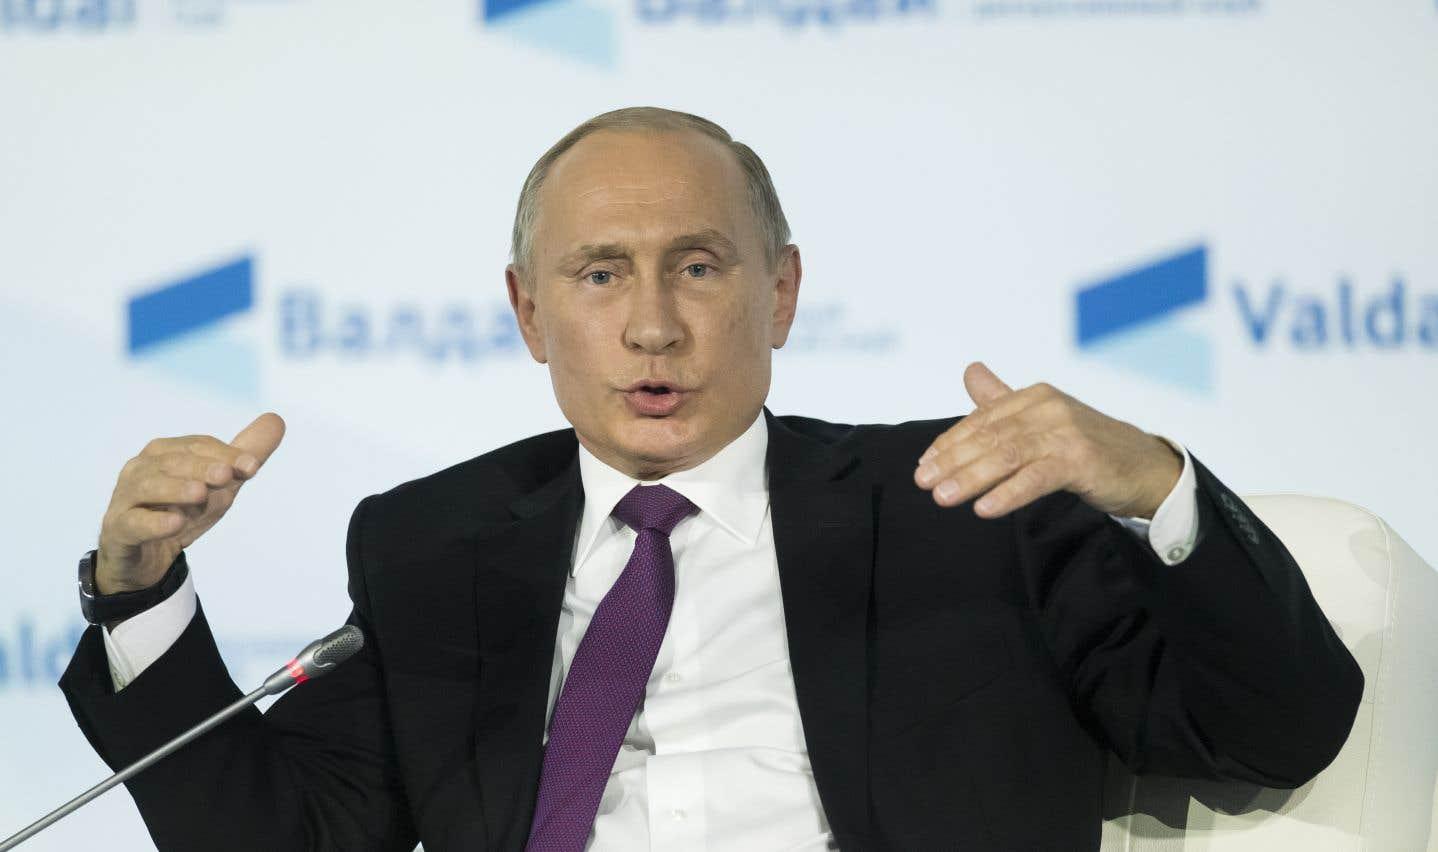 La Russie accuse les Américains de faire pression pour l'exclure des JO